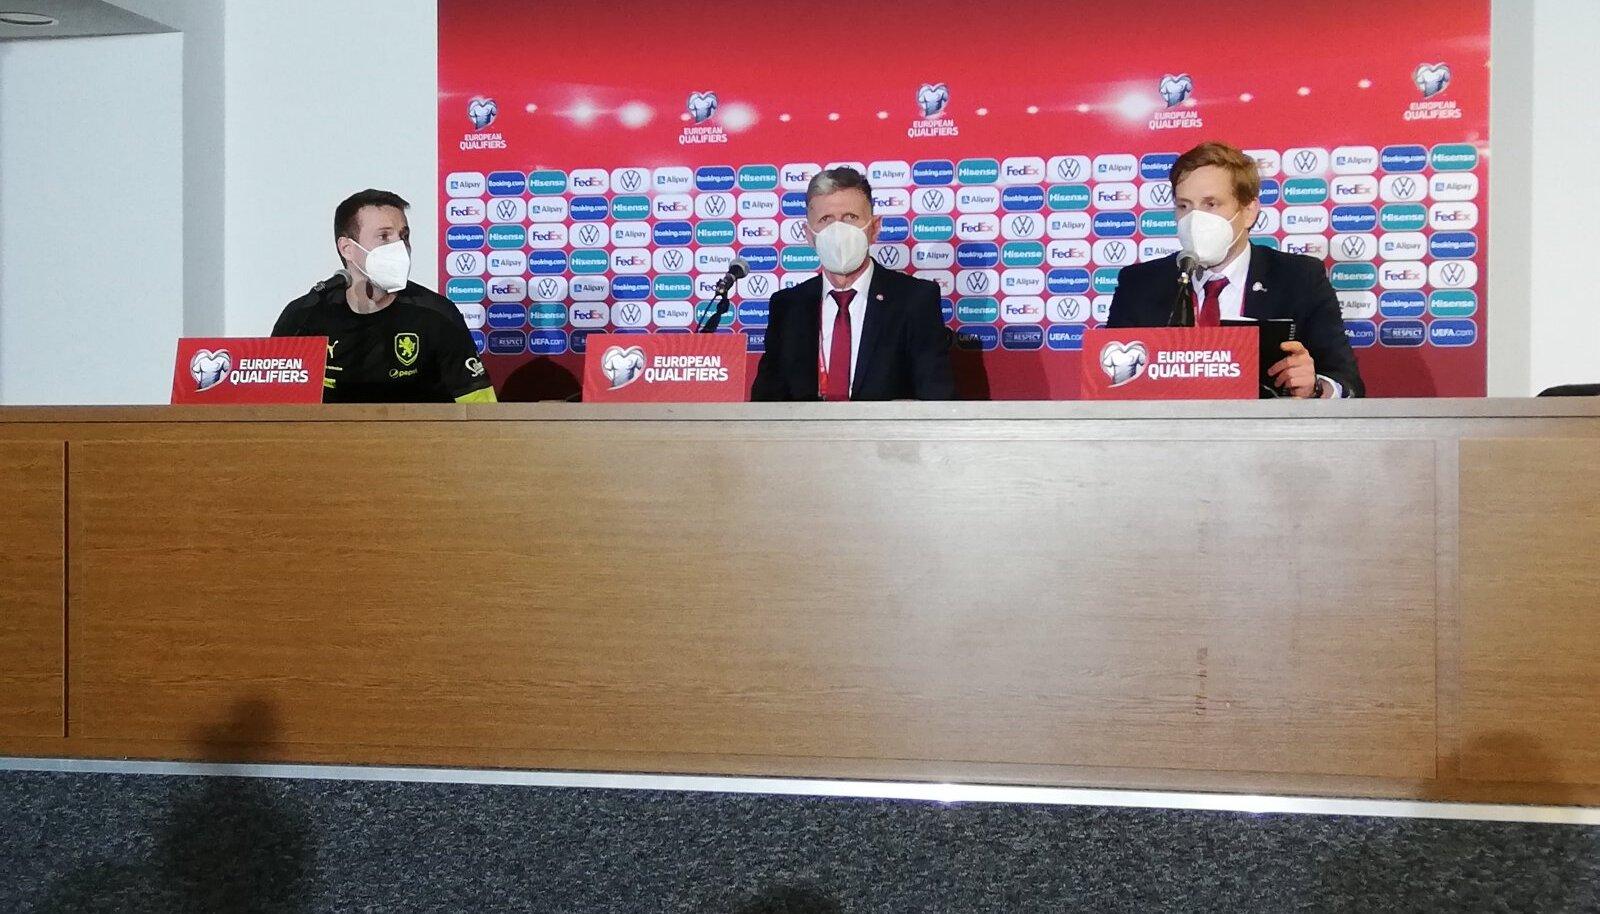 Vasakult: Jakub Jankto, Jaroslav Šilhavy ja Tšehhi koondise pressiesindaja.